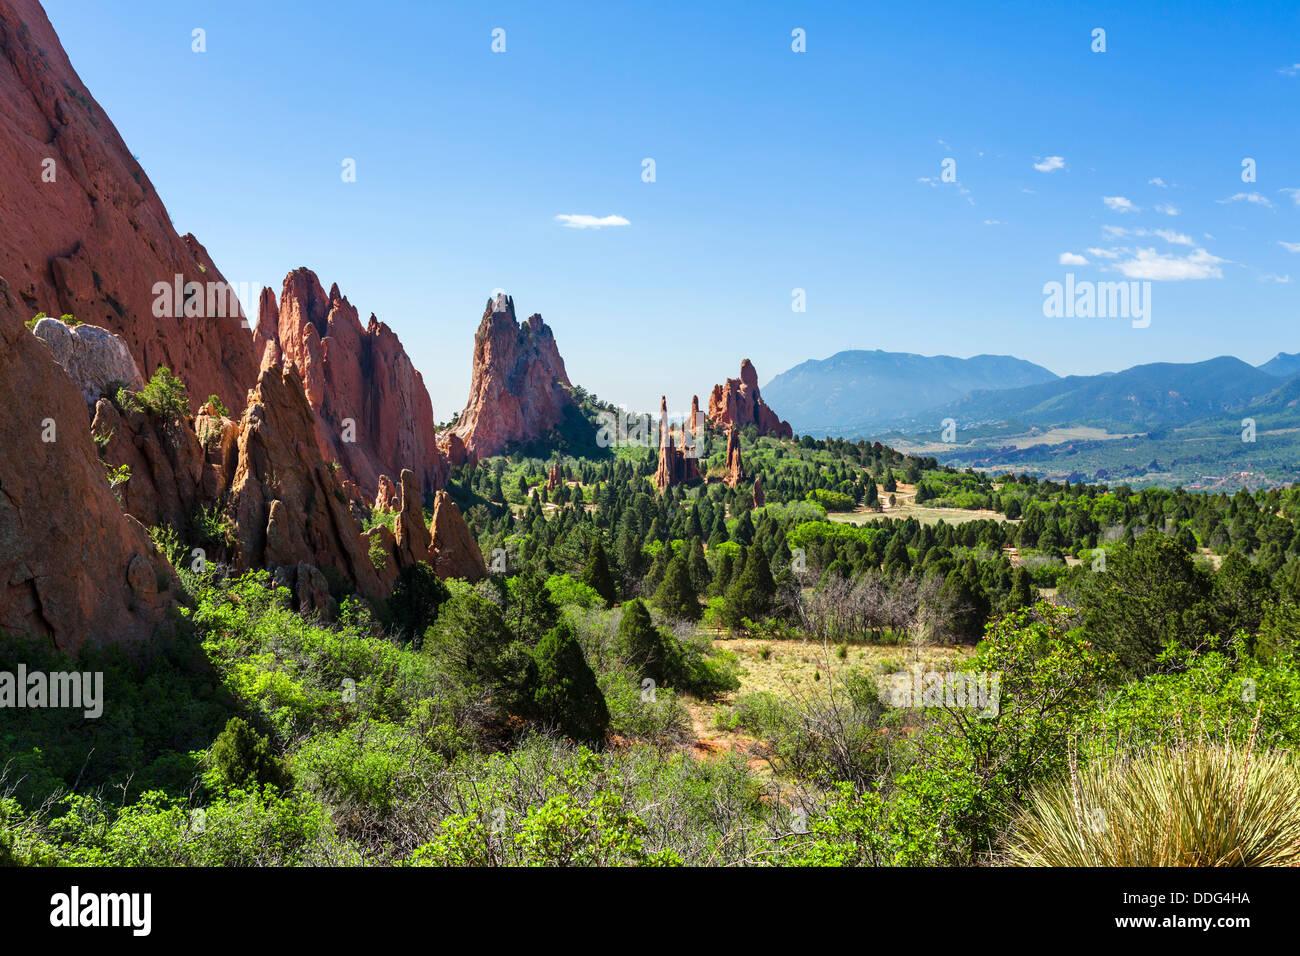 View from the road through Garden of The Gods public park, Colorado Springs, Colorado, USA Stock Photo